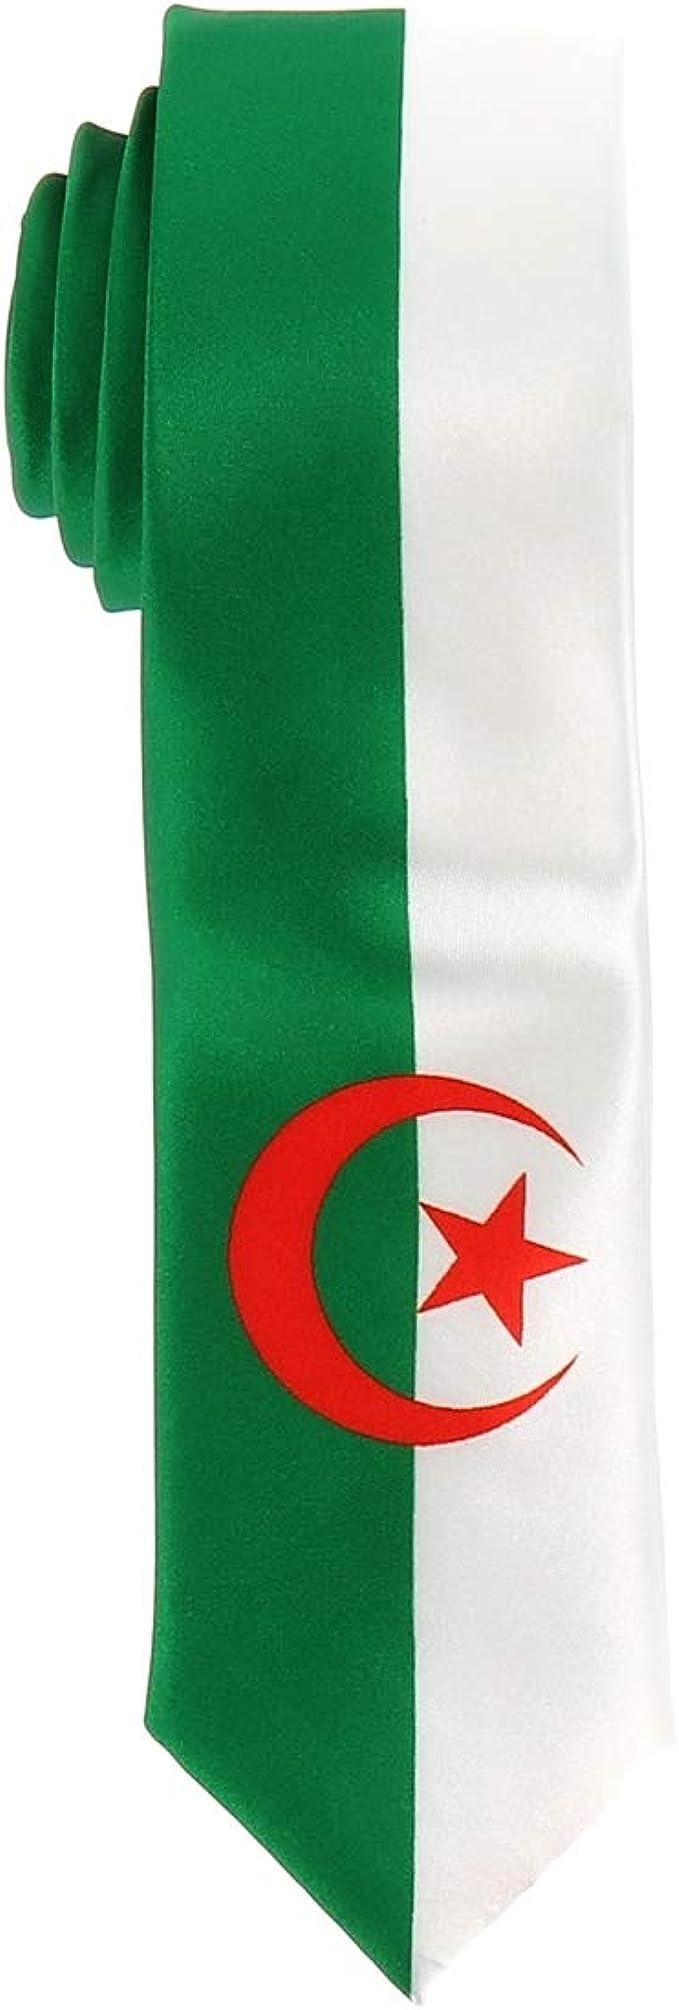 Corbata Bandera Argelina - Colores del País Argelia - Corbata Verde Blanca y Roja - Hombre o mujer - Evento o Disfraz: Amazon.es: Ropa y accesorios